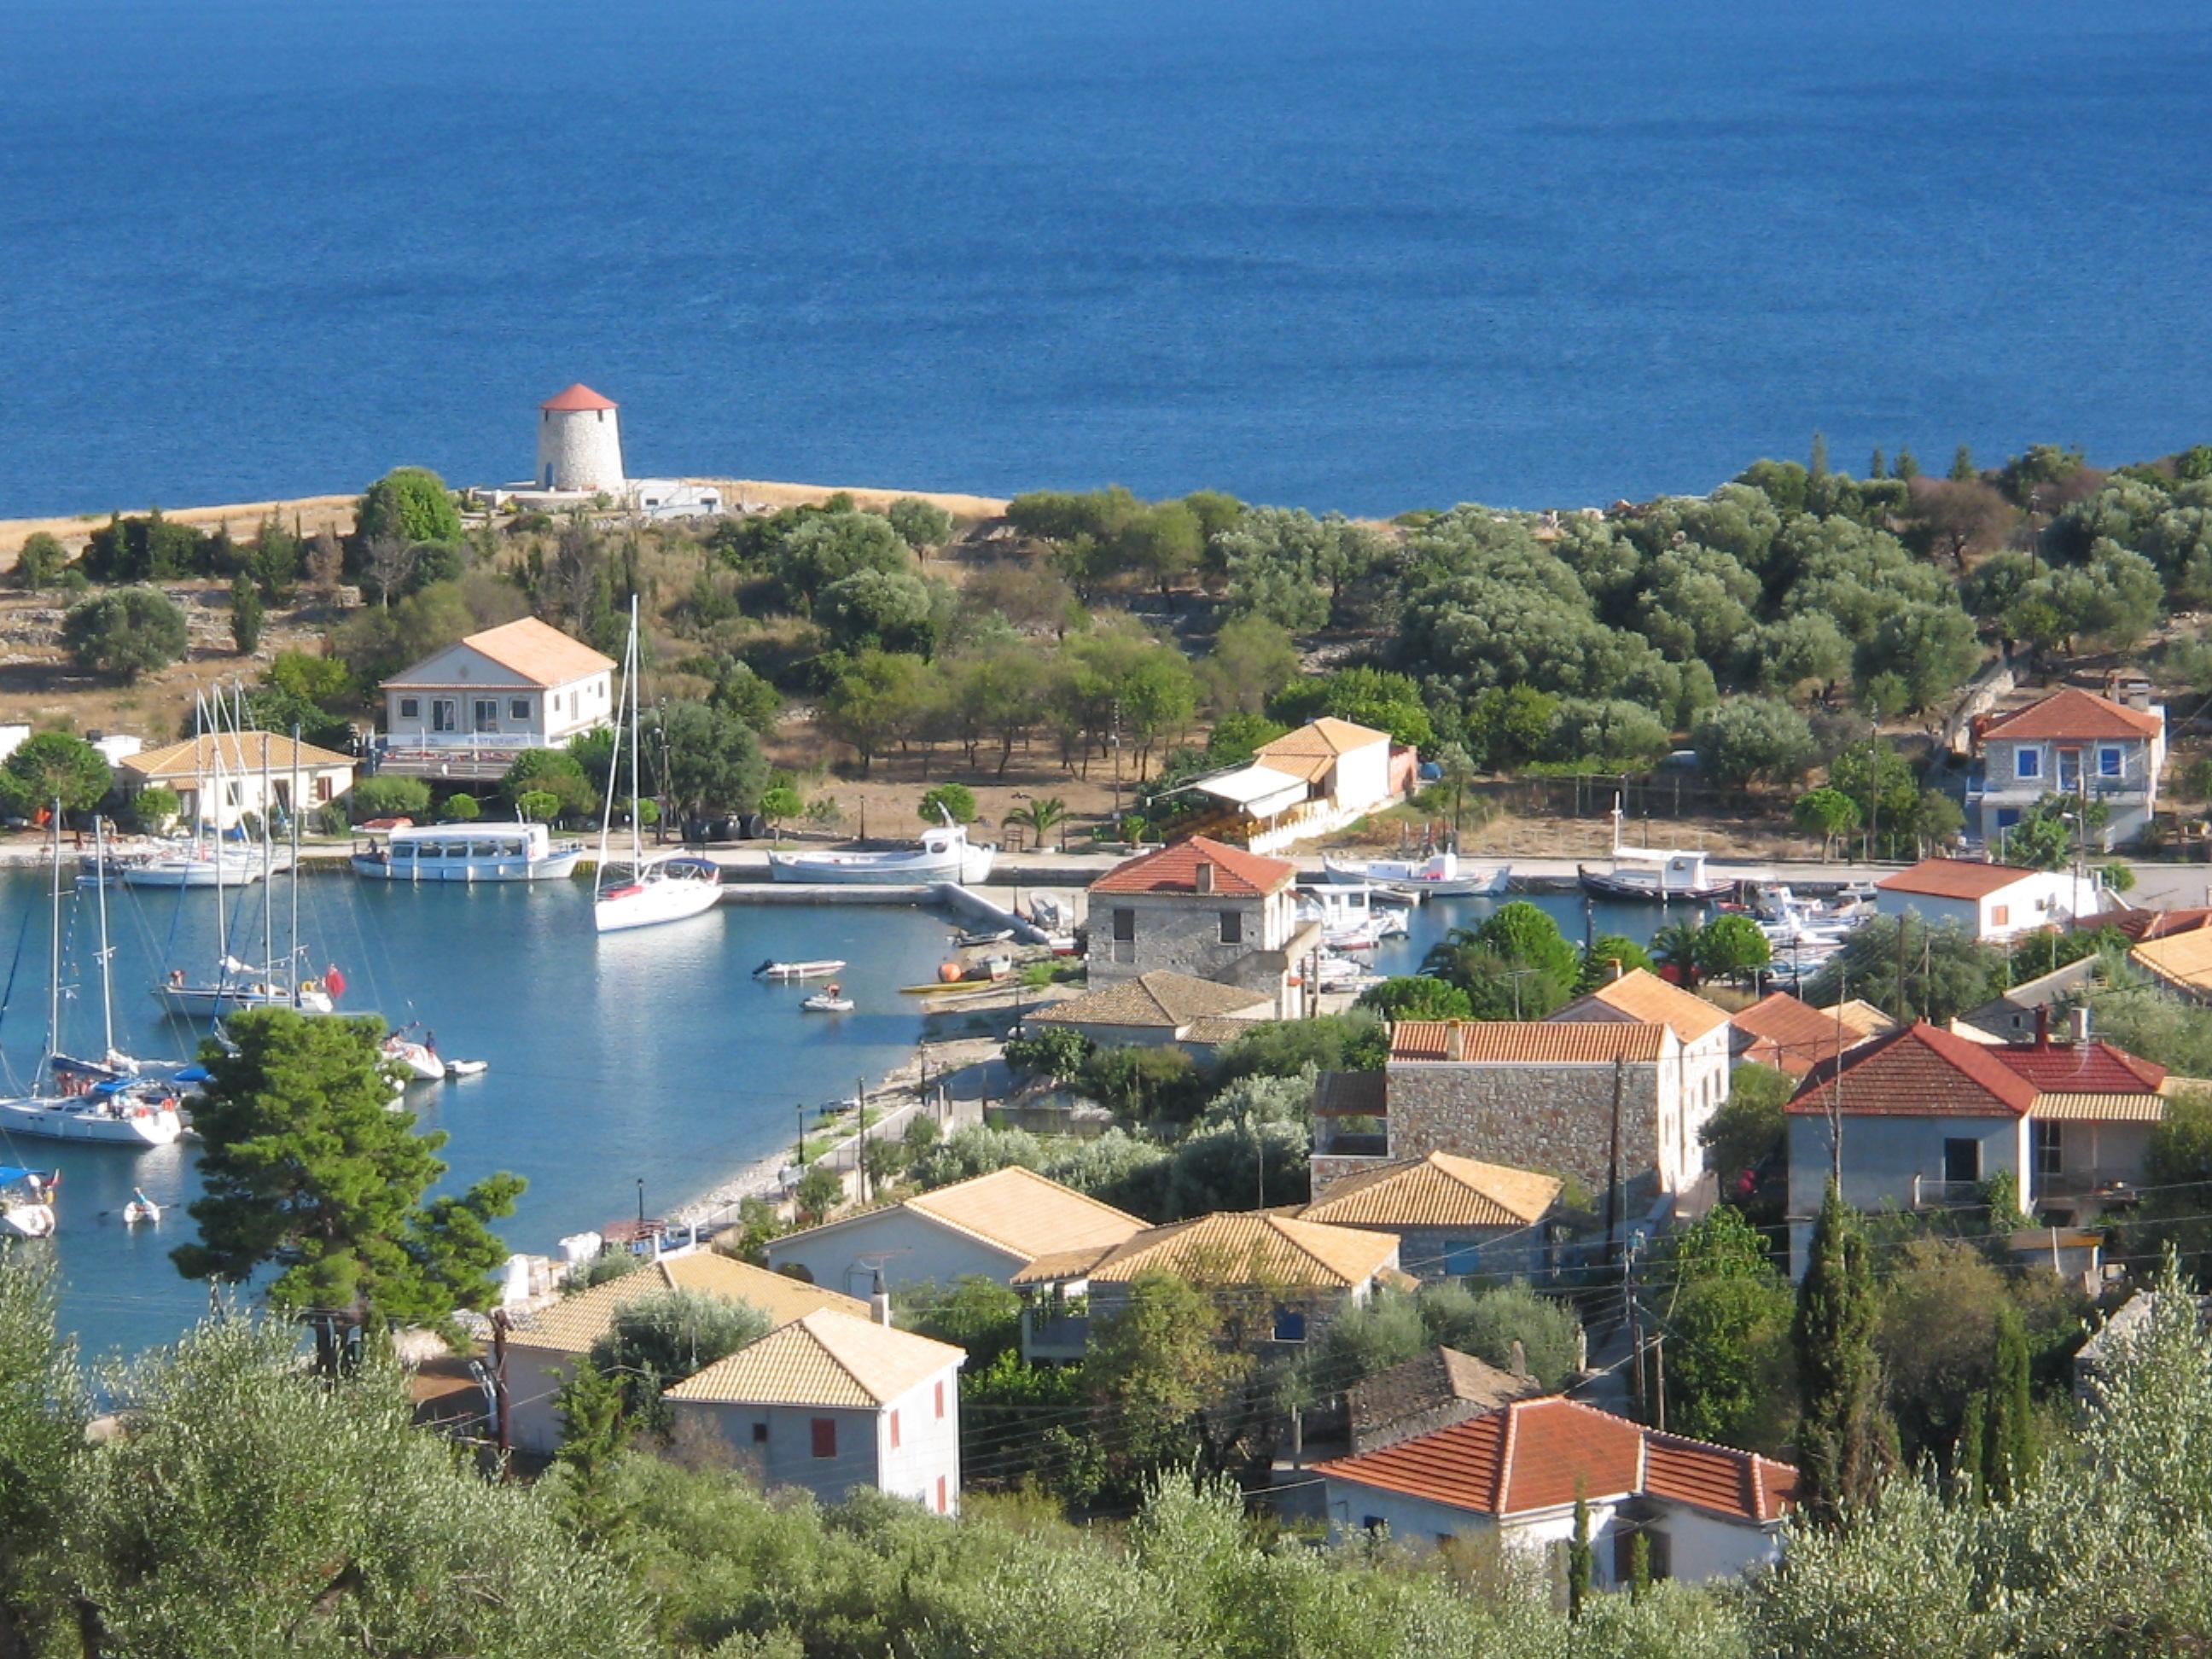 Noleggio Barche Isola di Kastos - Navalia | Noleggia un Sogno